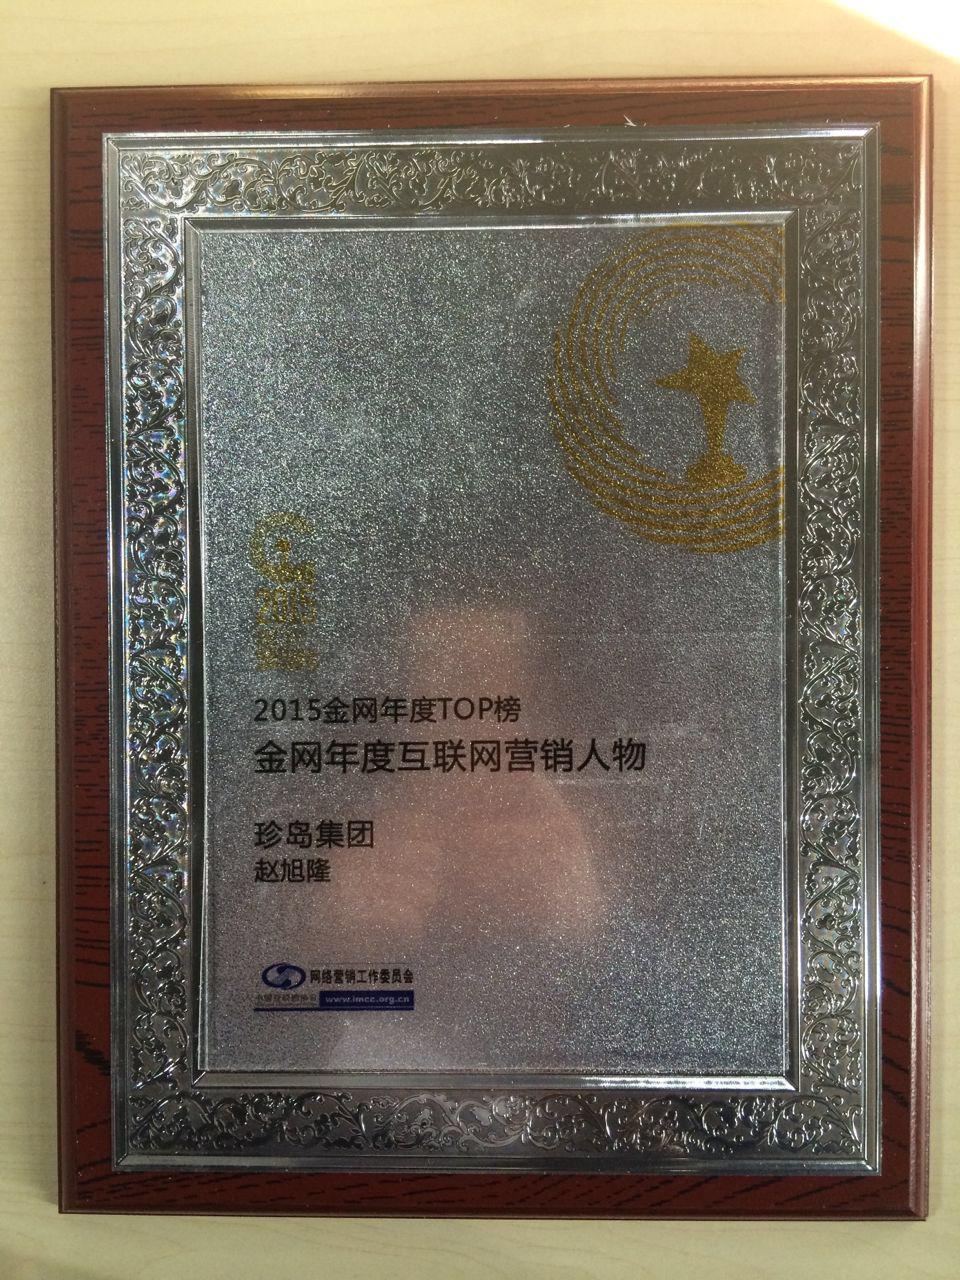 2015年第七届金网奖-年度互联网营销人物-赵旭隆